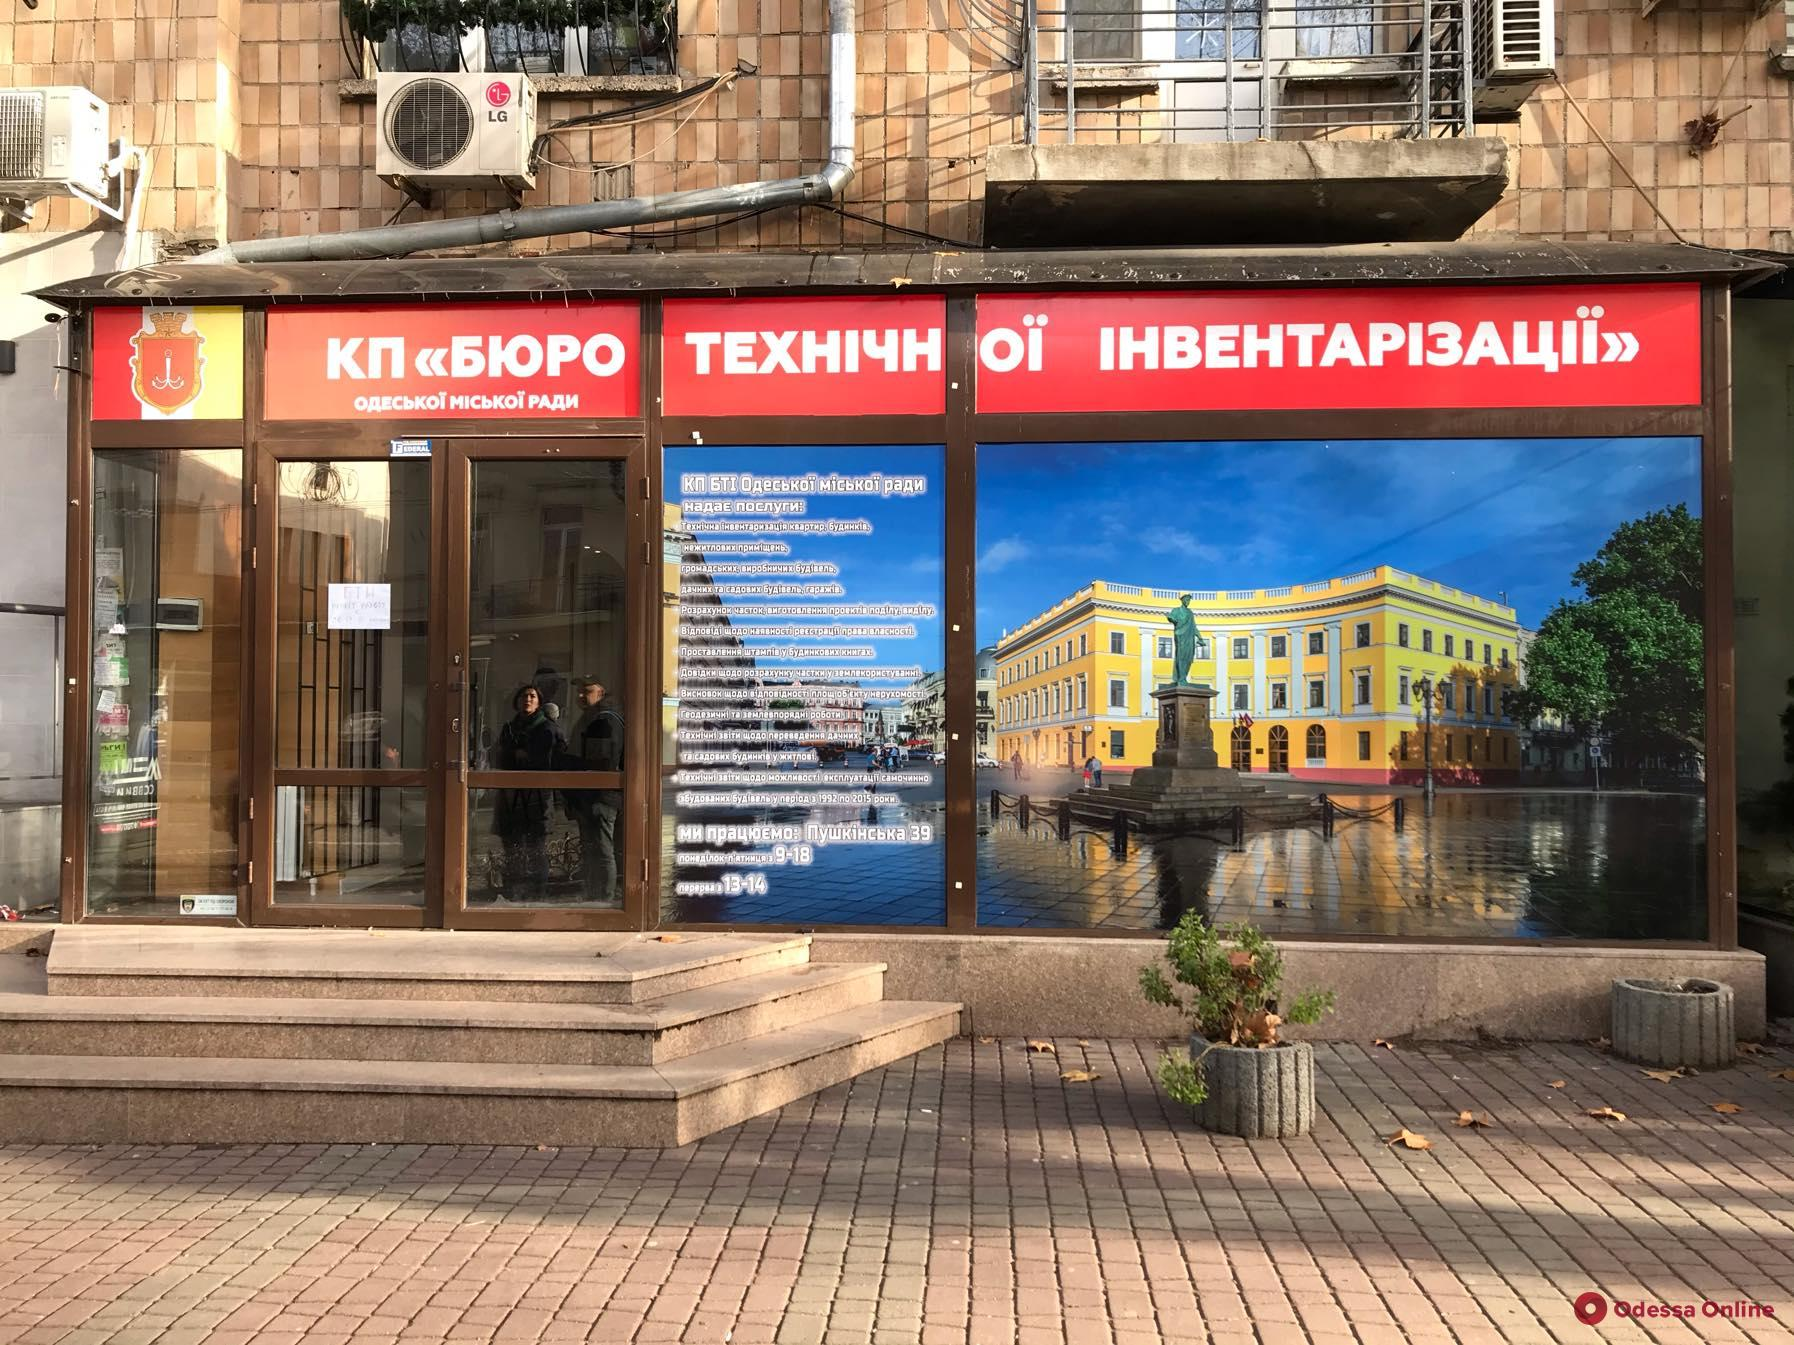 Одесса: «Бюро технической инвентаризации» после пожара переехало в соседнее здание